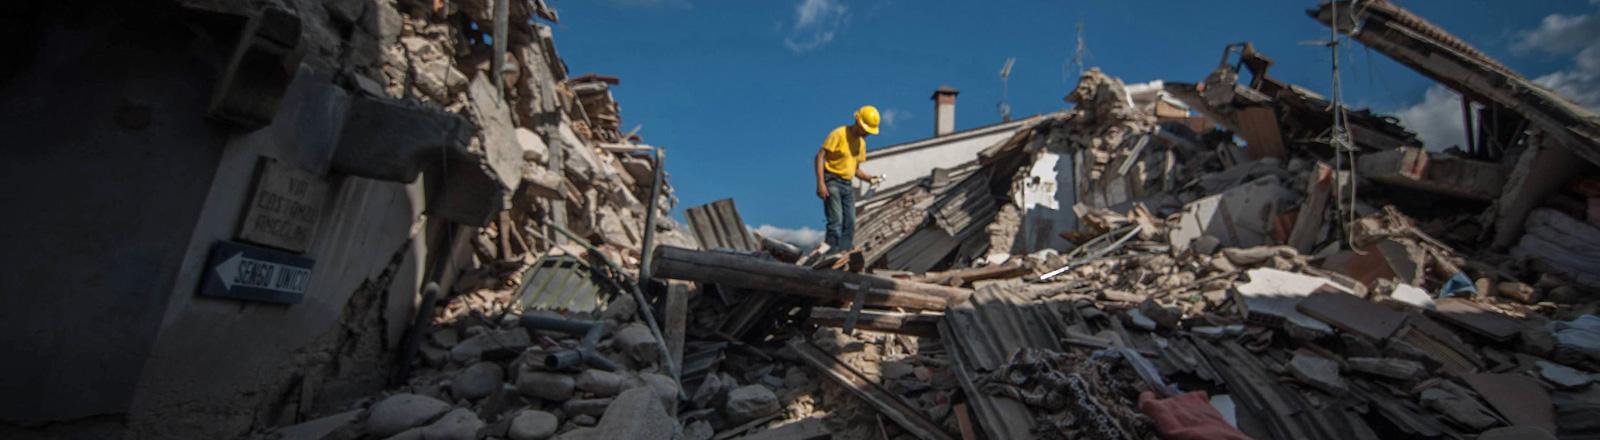 Das italienische Dorf Amatrice wurde durch ein Erdbeben (24.08.16) stark zerstört. Ein Mann mit gelbem Schutzhelm steht auf einem riesigen Schutthaufen aus Häusern.